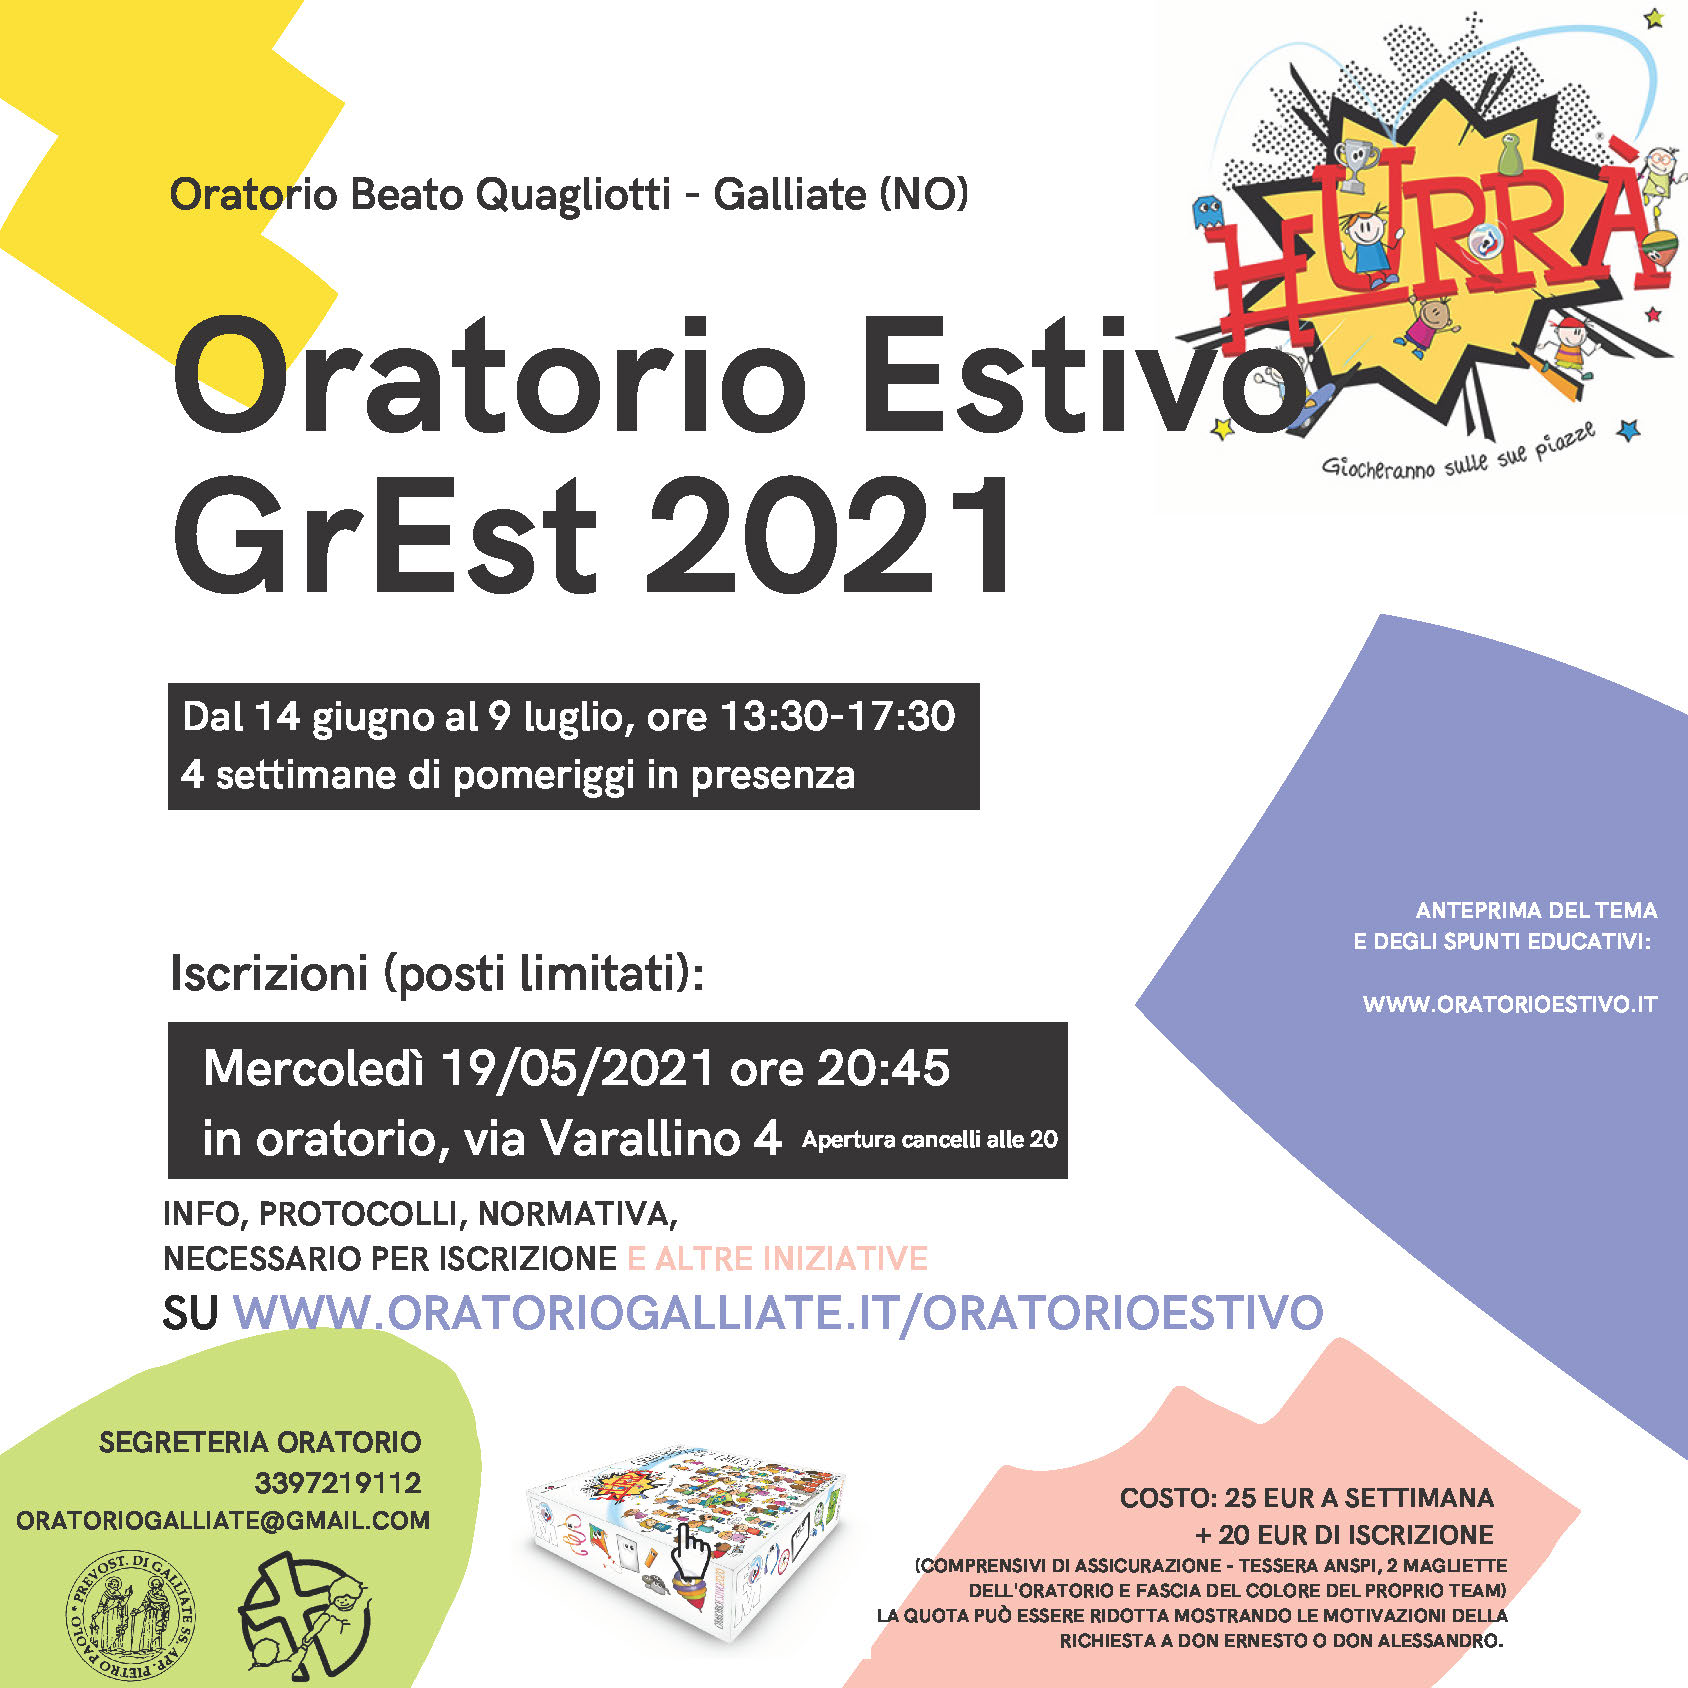 bo210519-OratorioEstivo-2021-GrEst-Iscrizioni